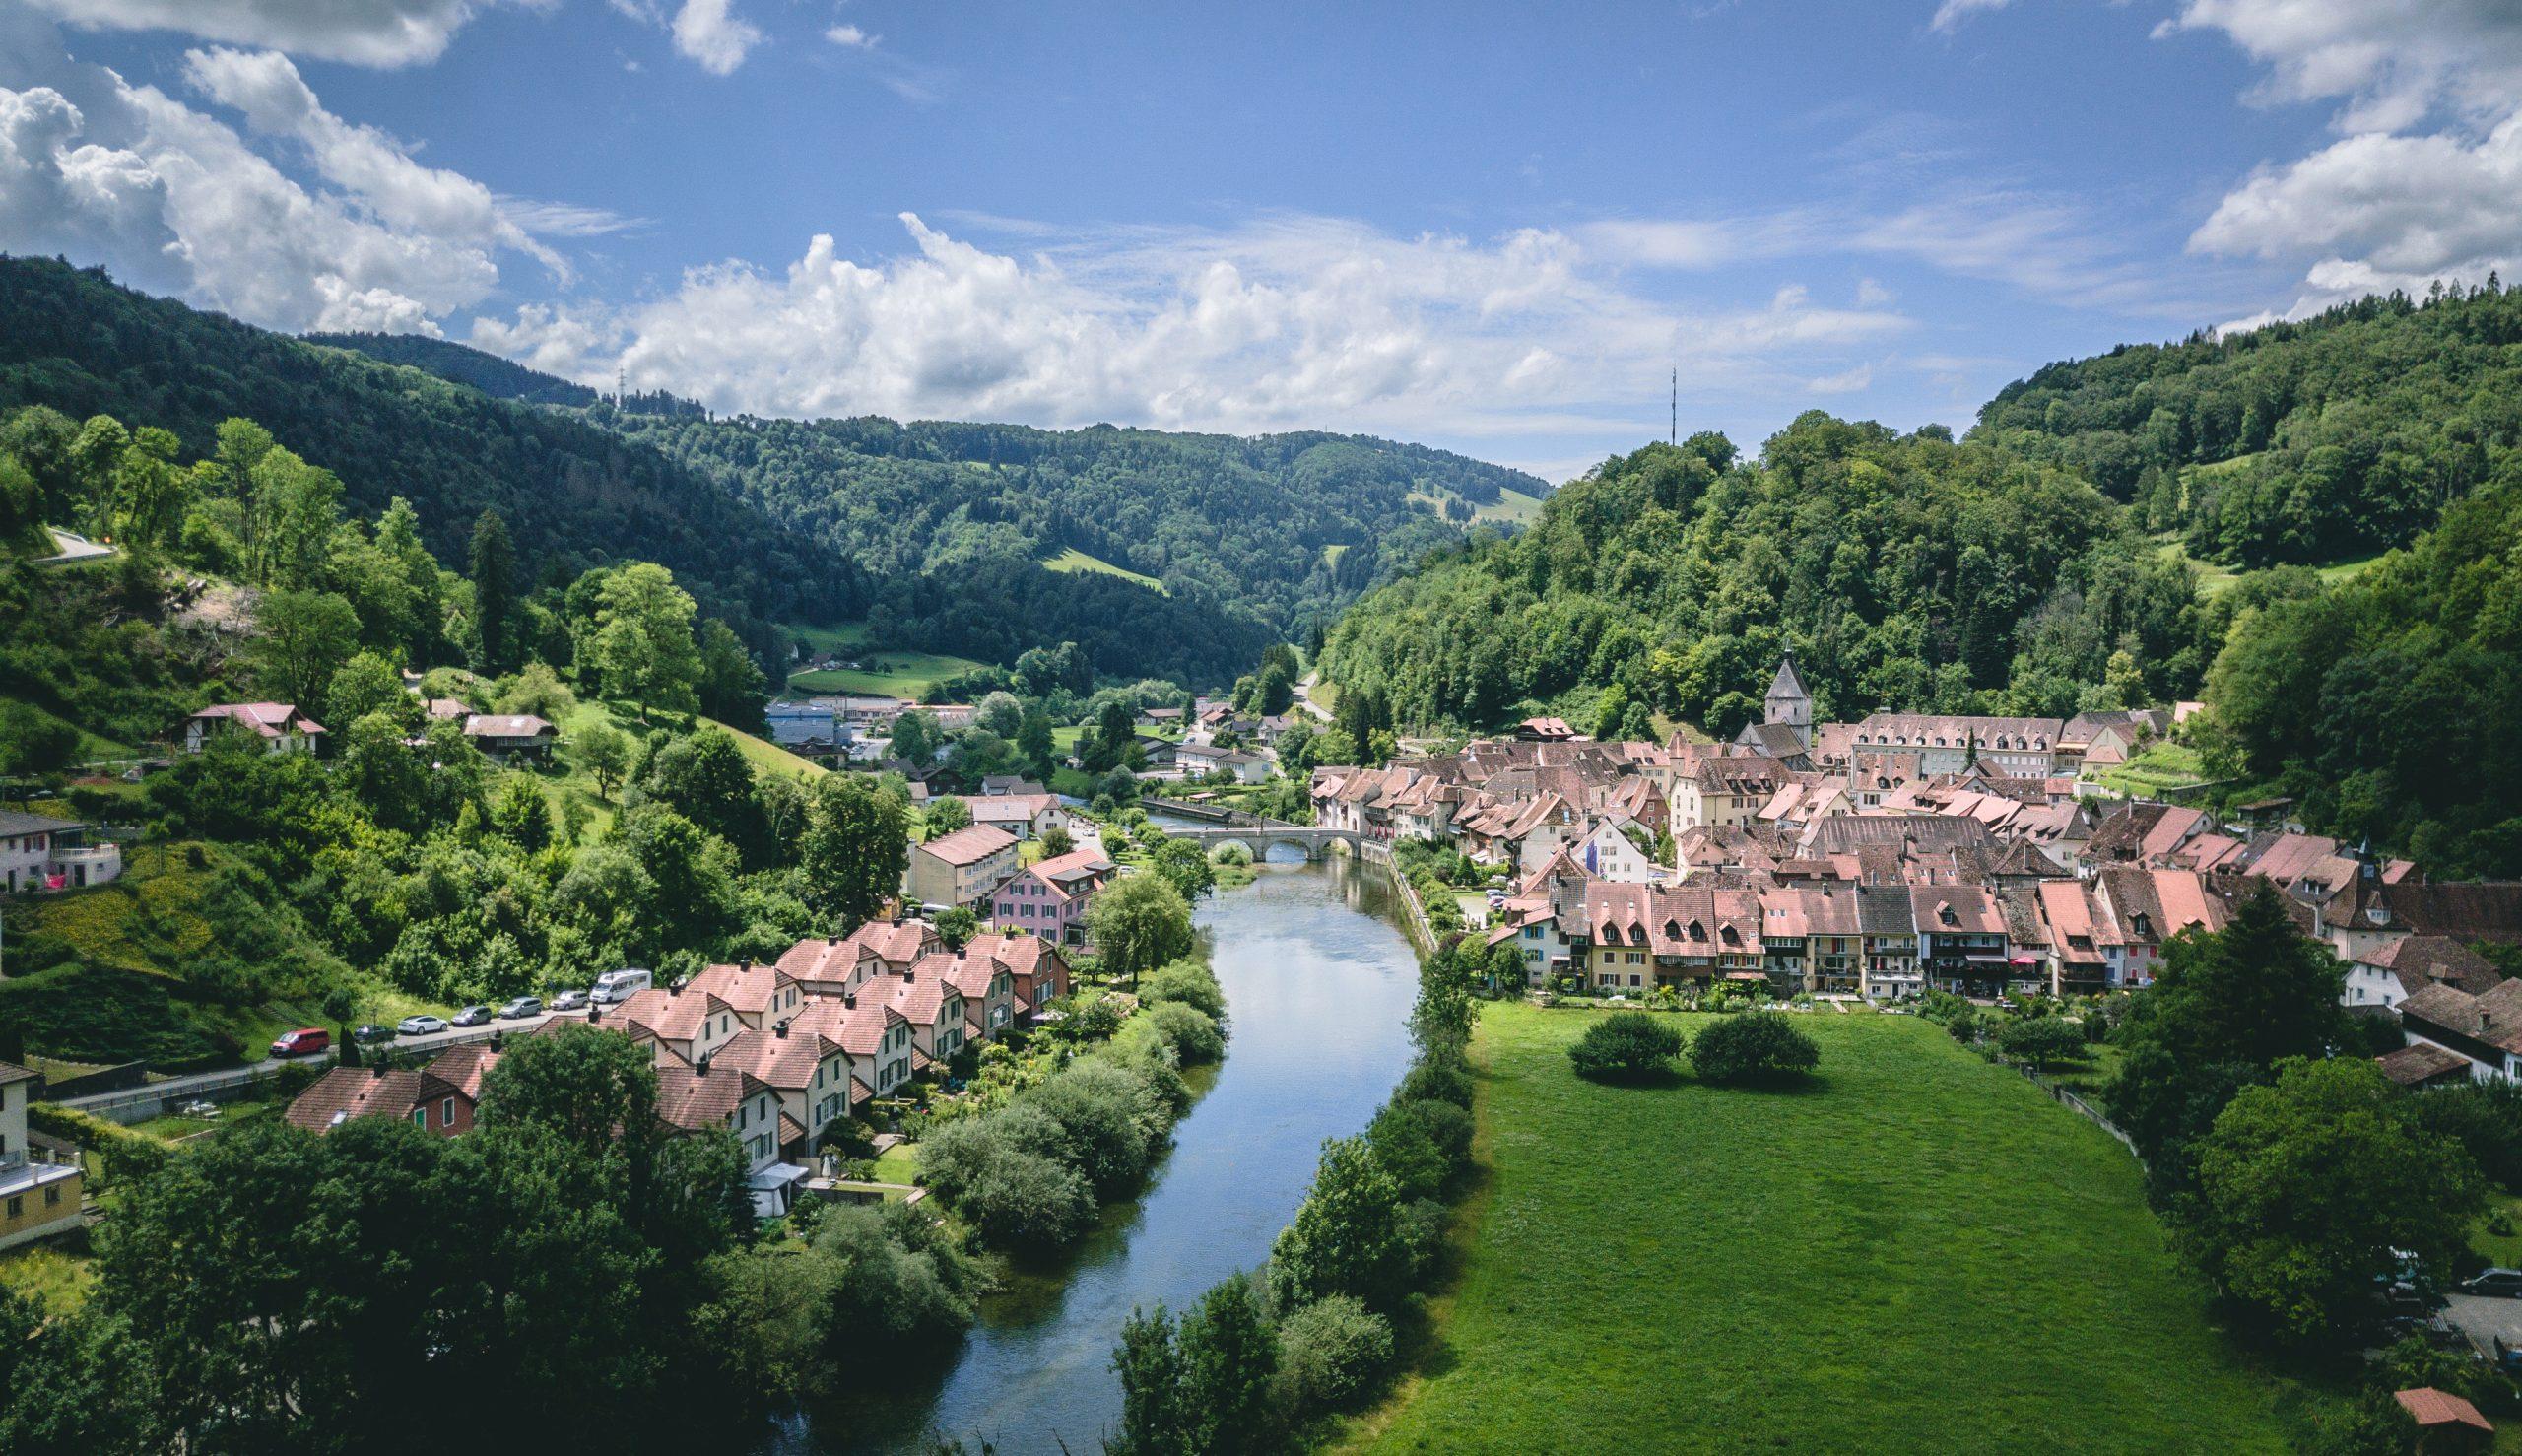 Camping Jura Schweiz: Die besten Campingplätze und Sehenswürdigkeiten in unserem Guide